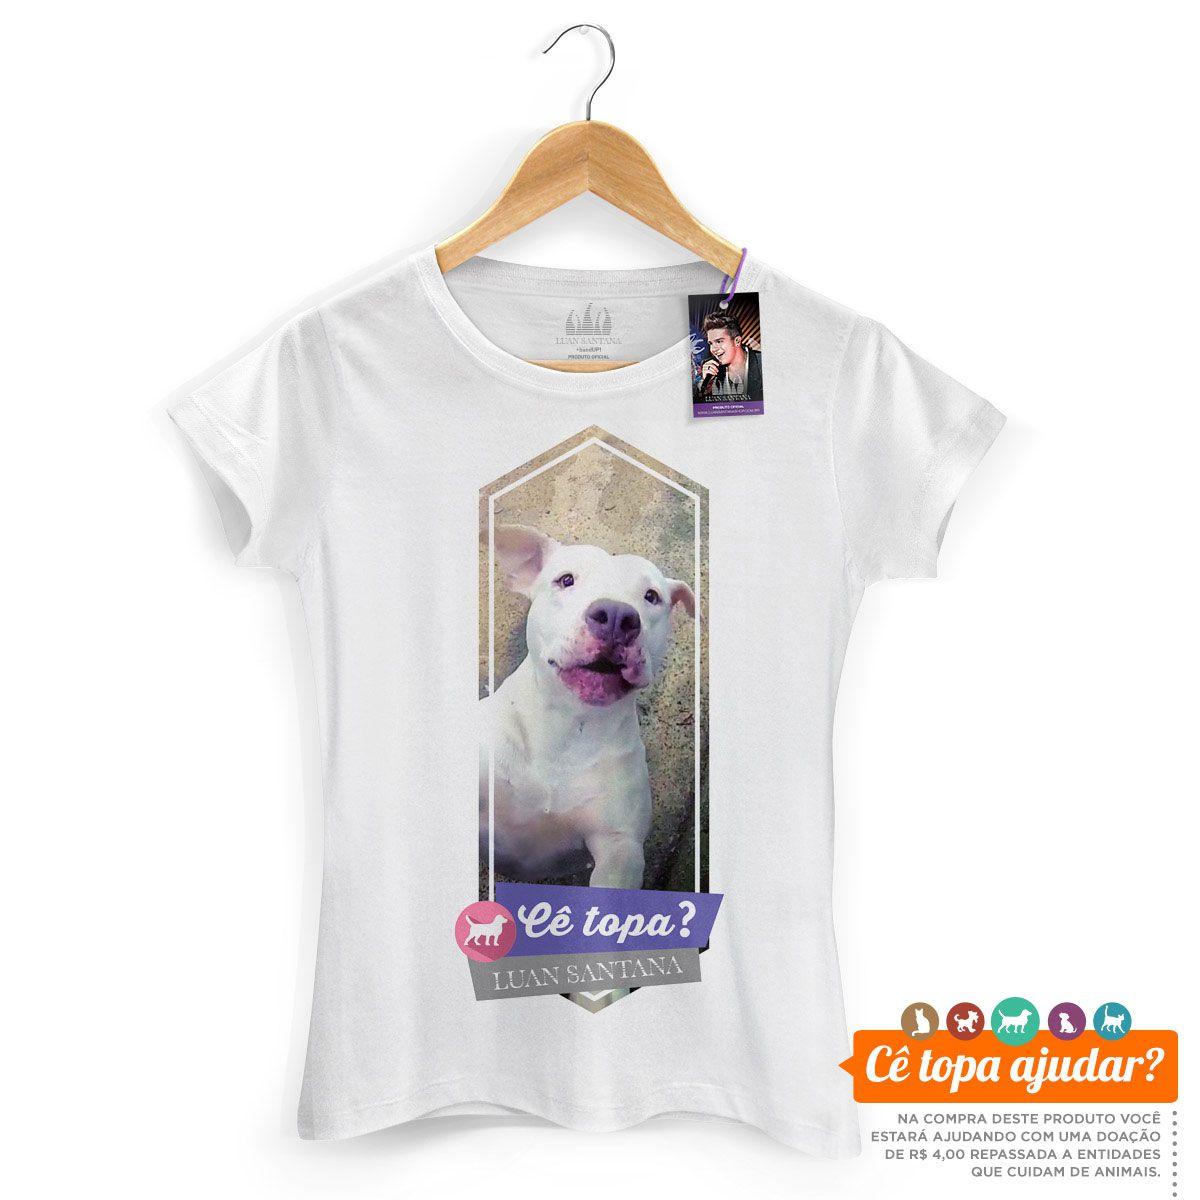 Camiseta Feminina Luan Santana Cê Topa Um Pit Bull?